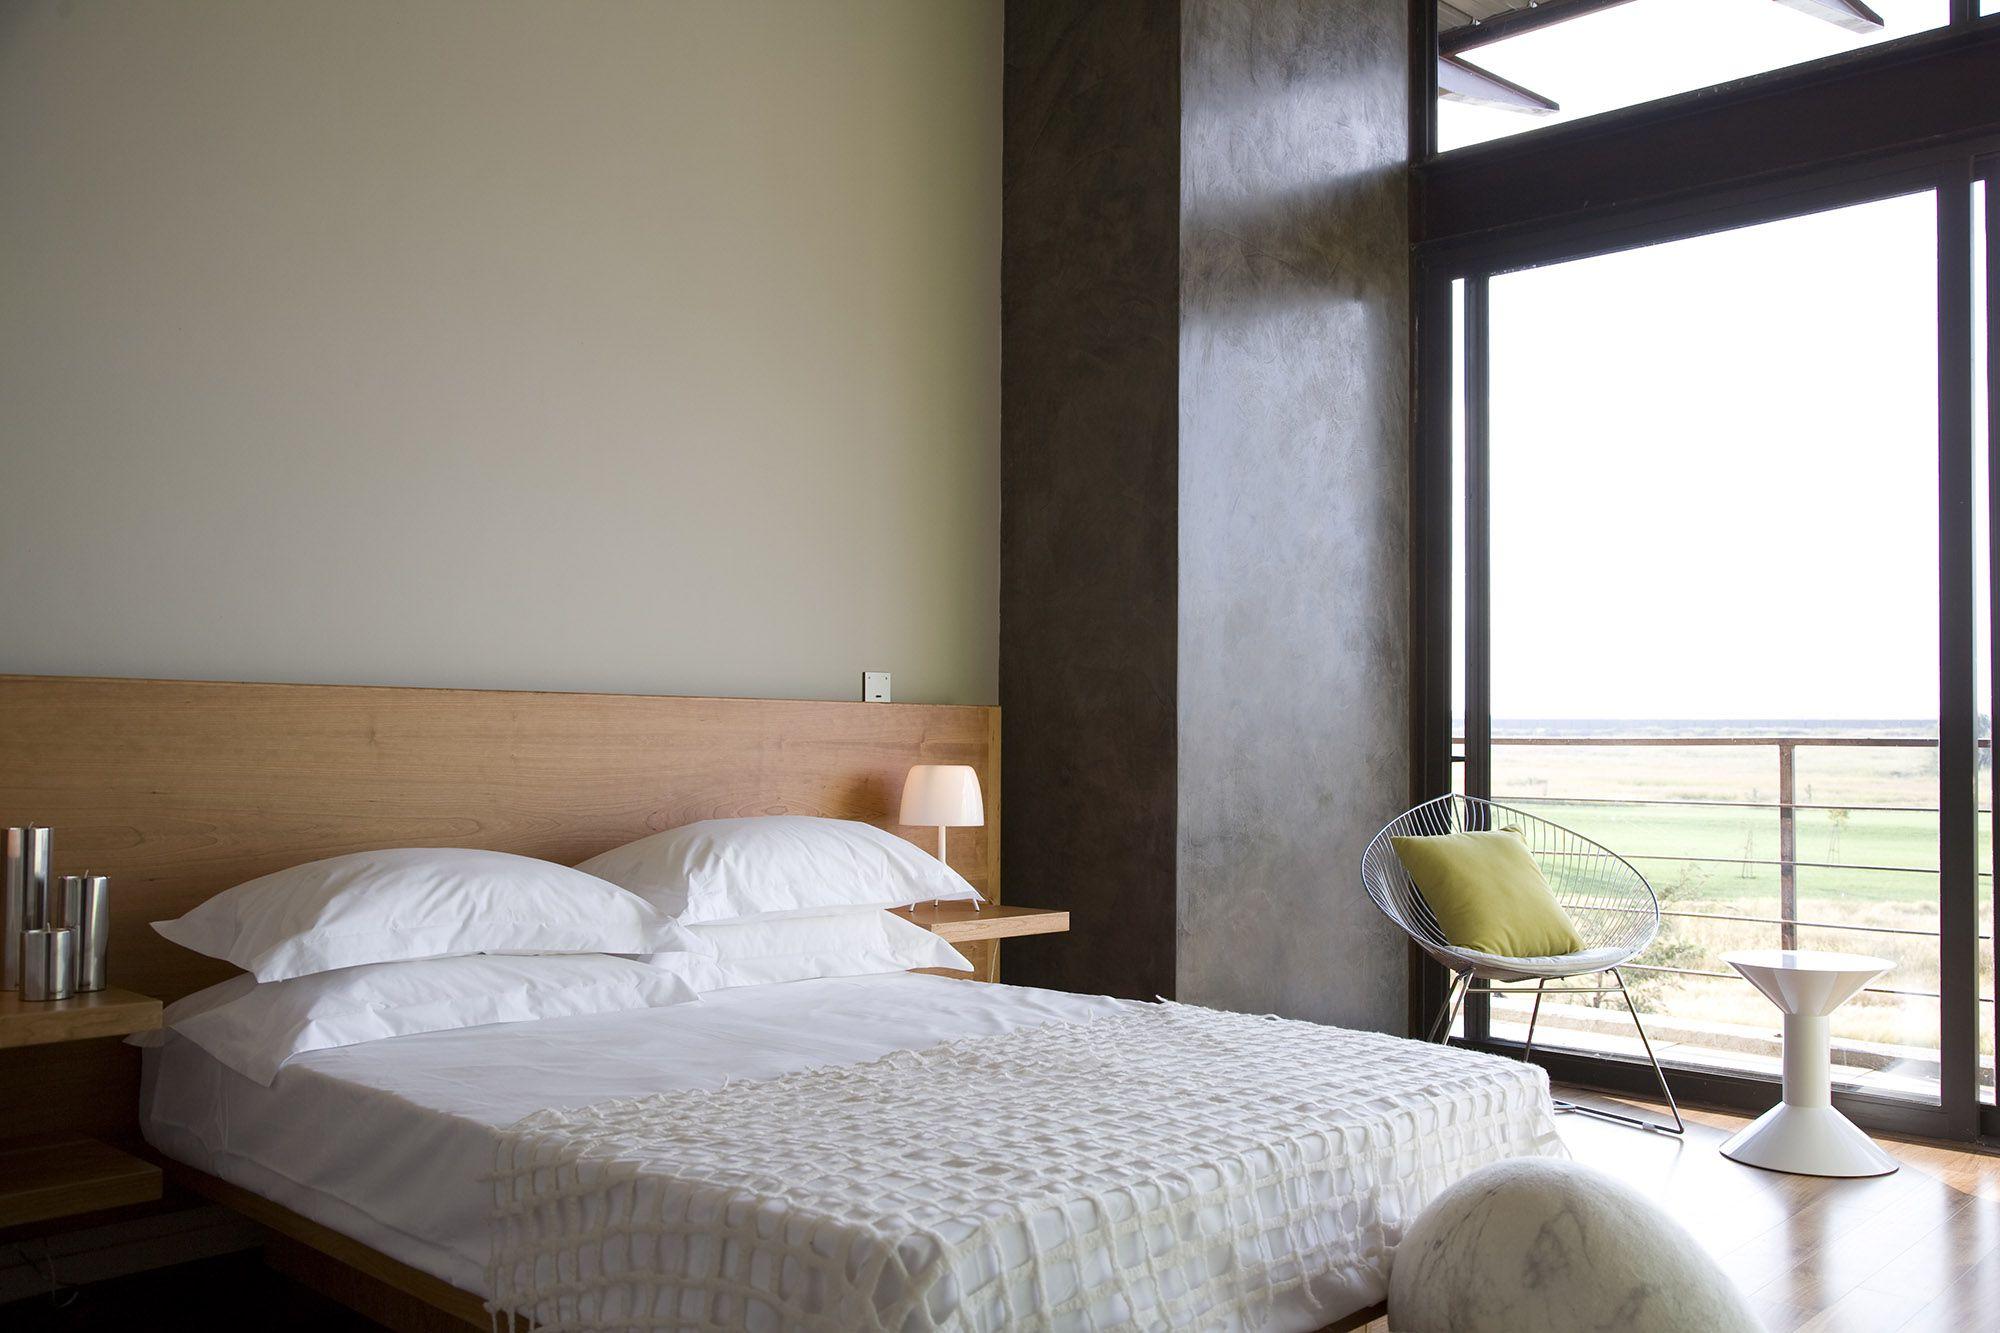 Serengeti Designed by Rudolph van der Meulen 193